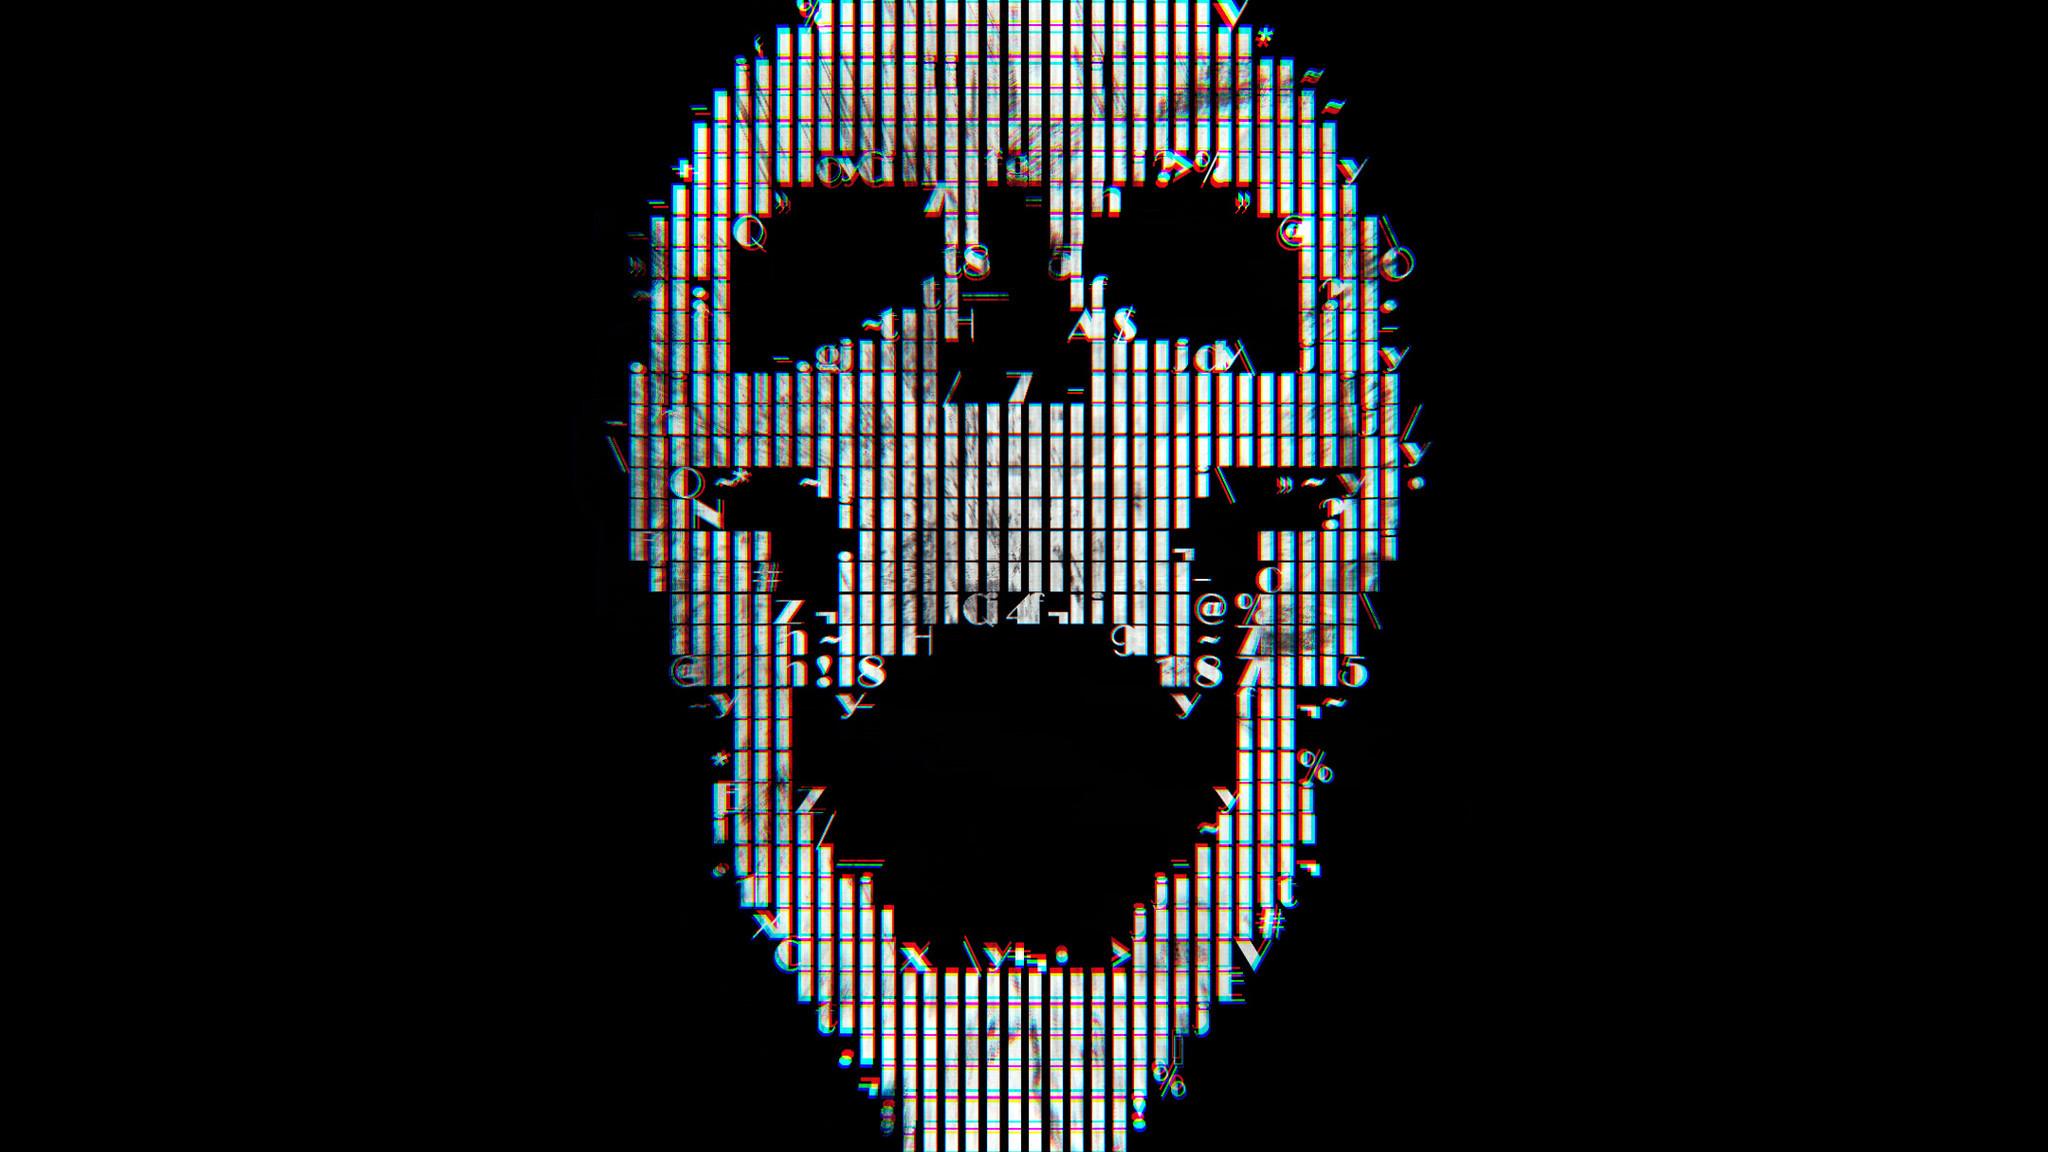 Glitch Art Skull Abstract Qt   Data Src Download Free - Skull Abstract Wallpaper Hd - HD Wallpaper